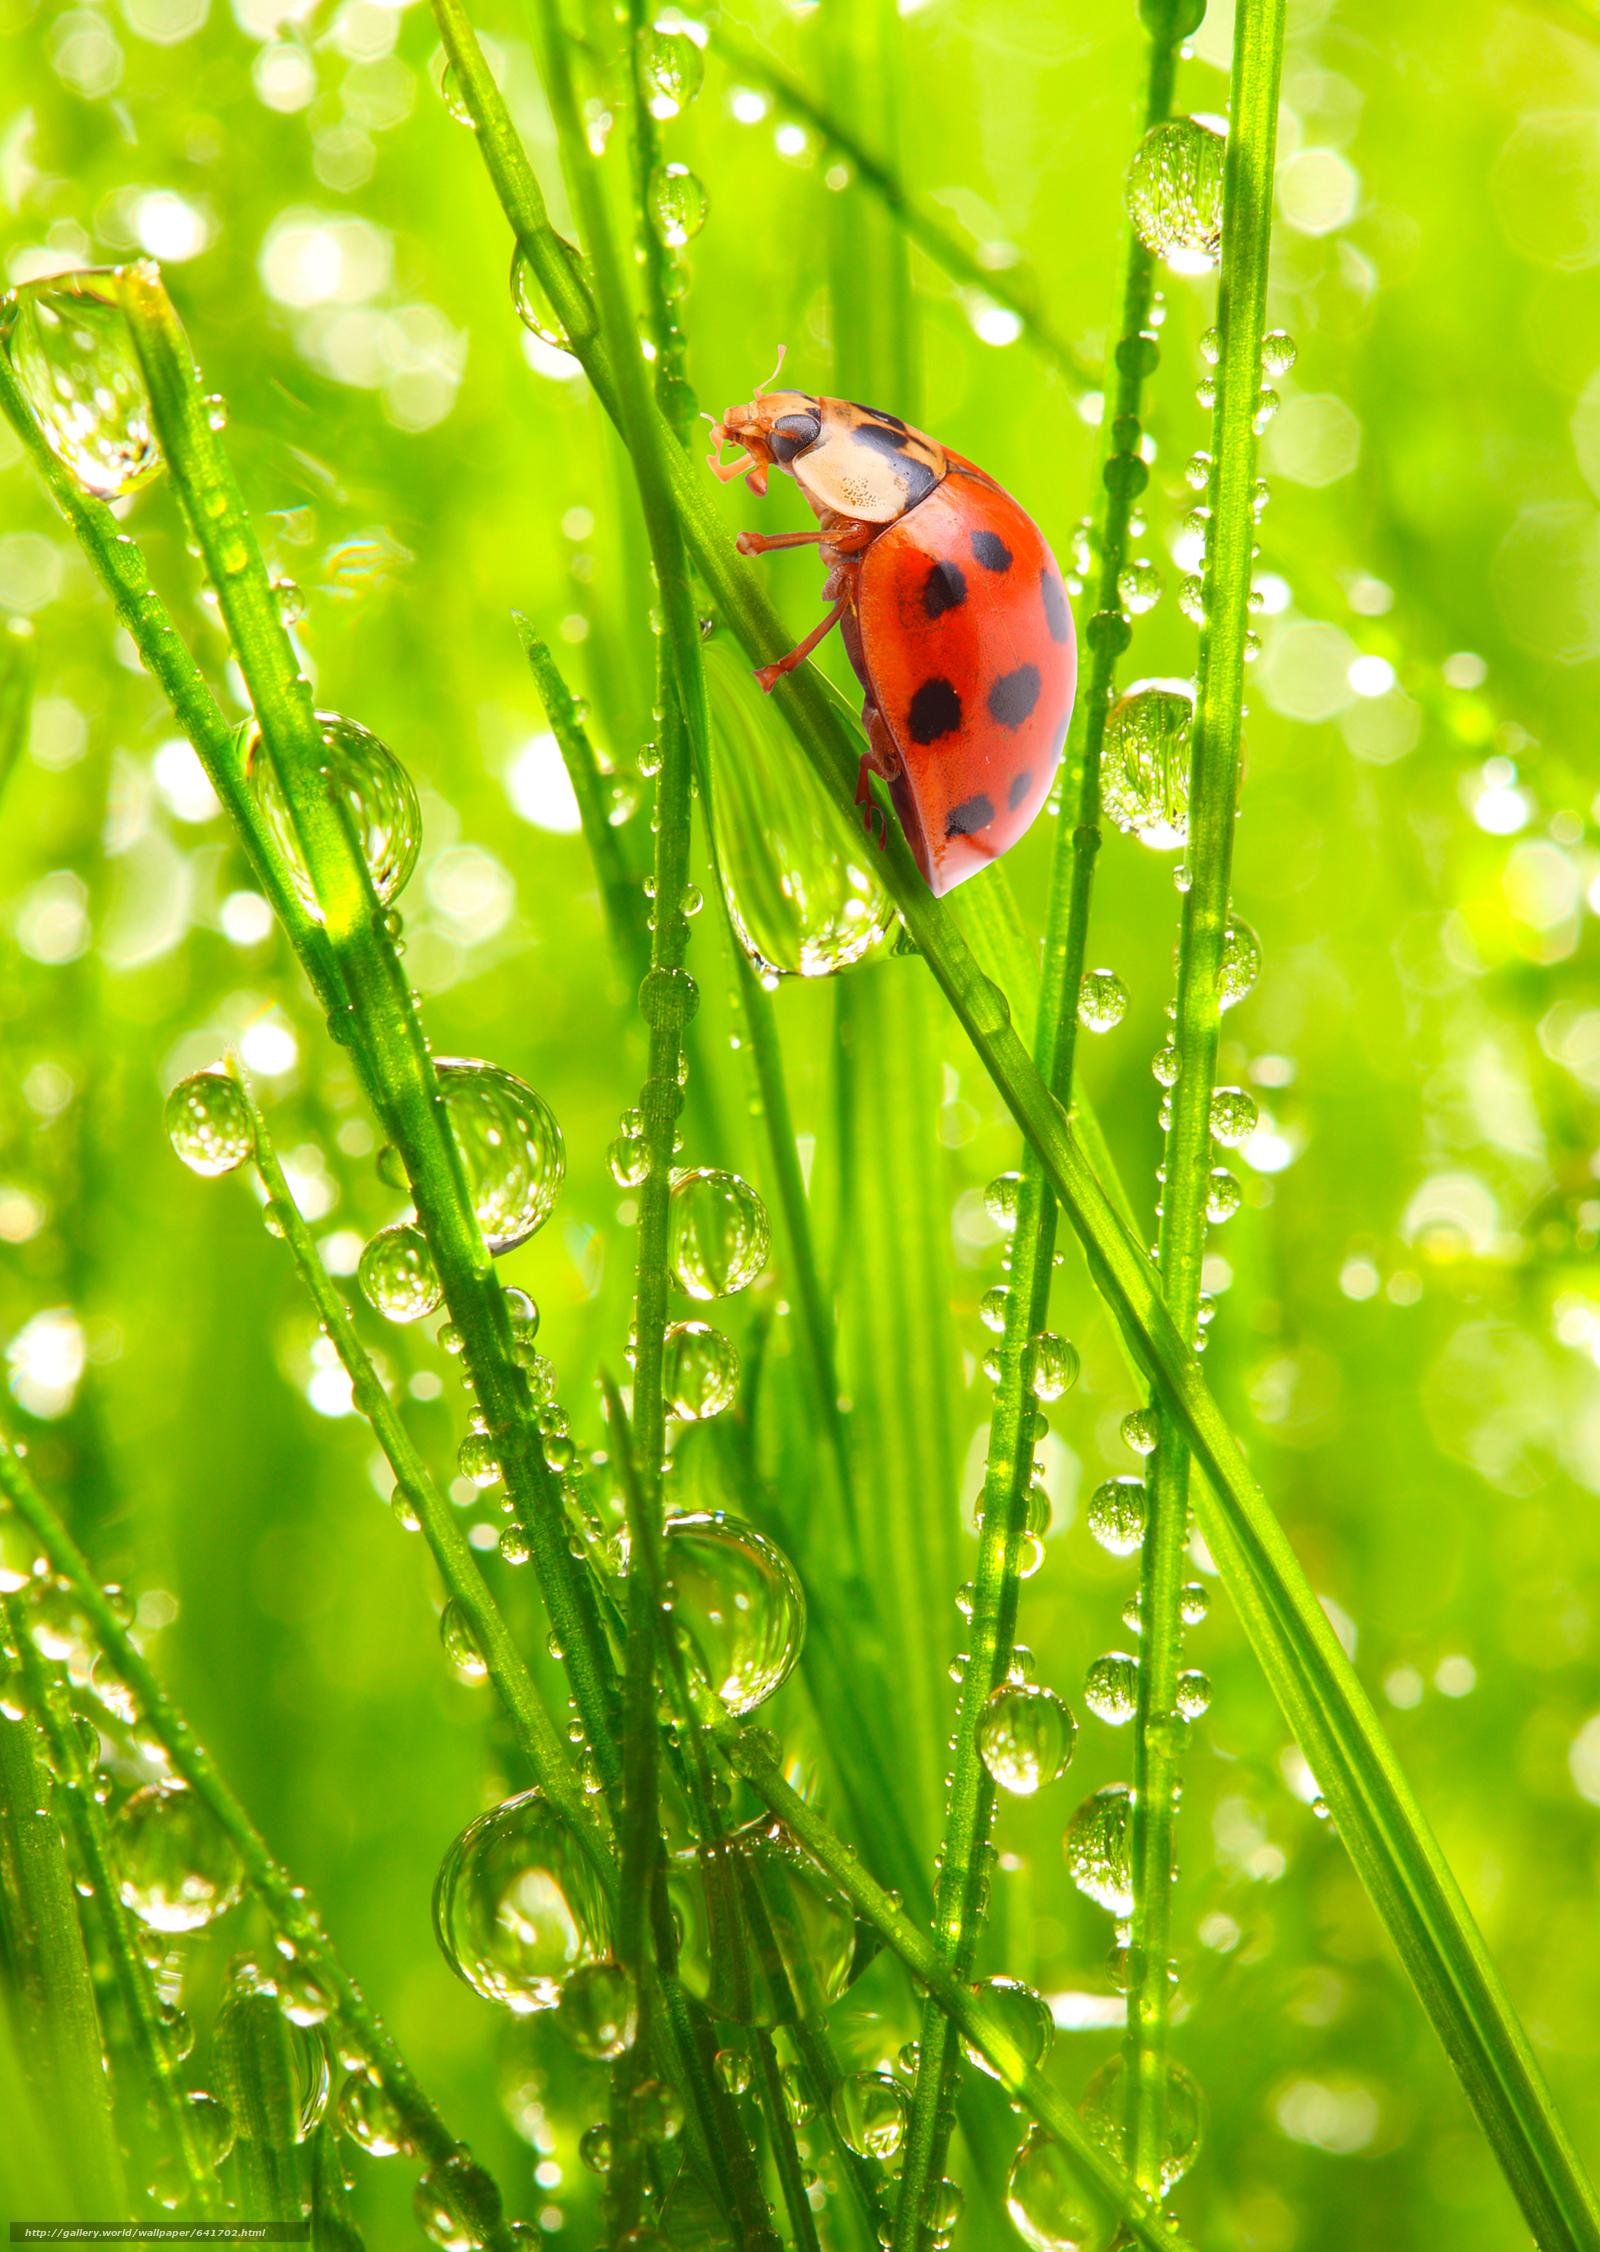 下载壁纸 在花园里的瓢虫,  光,  太阳,  新鲜的空气 免费为您的桌面分辨率的壁纸 3482x4900 — 图片 №641702